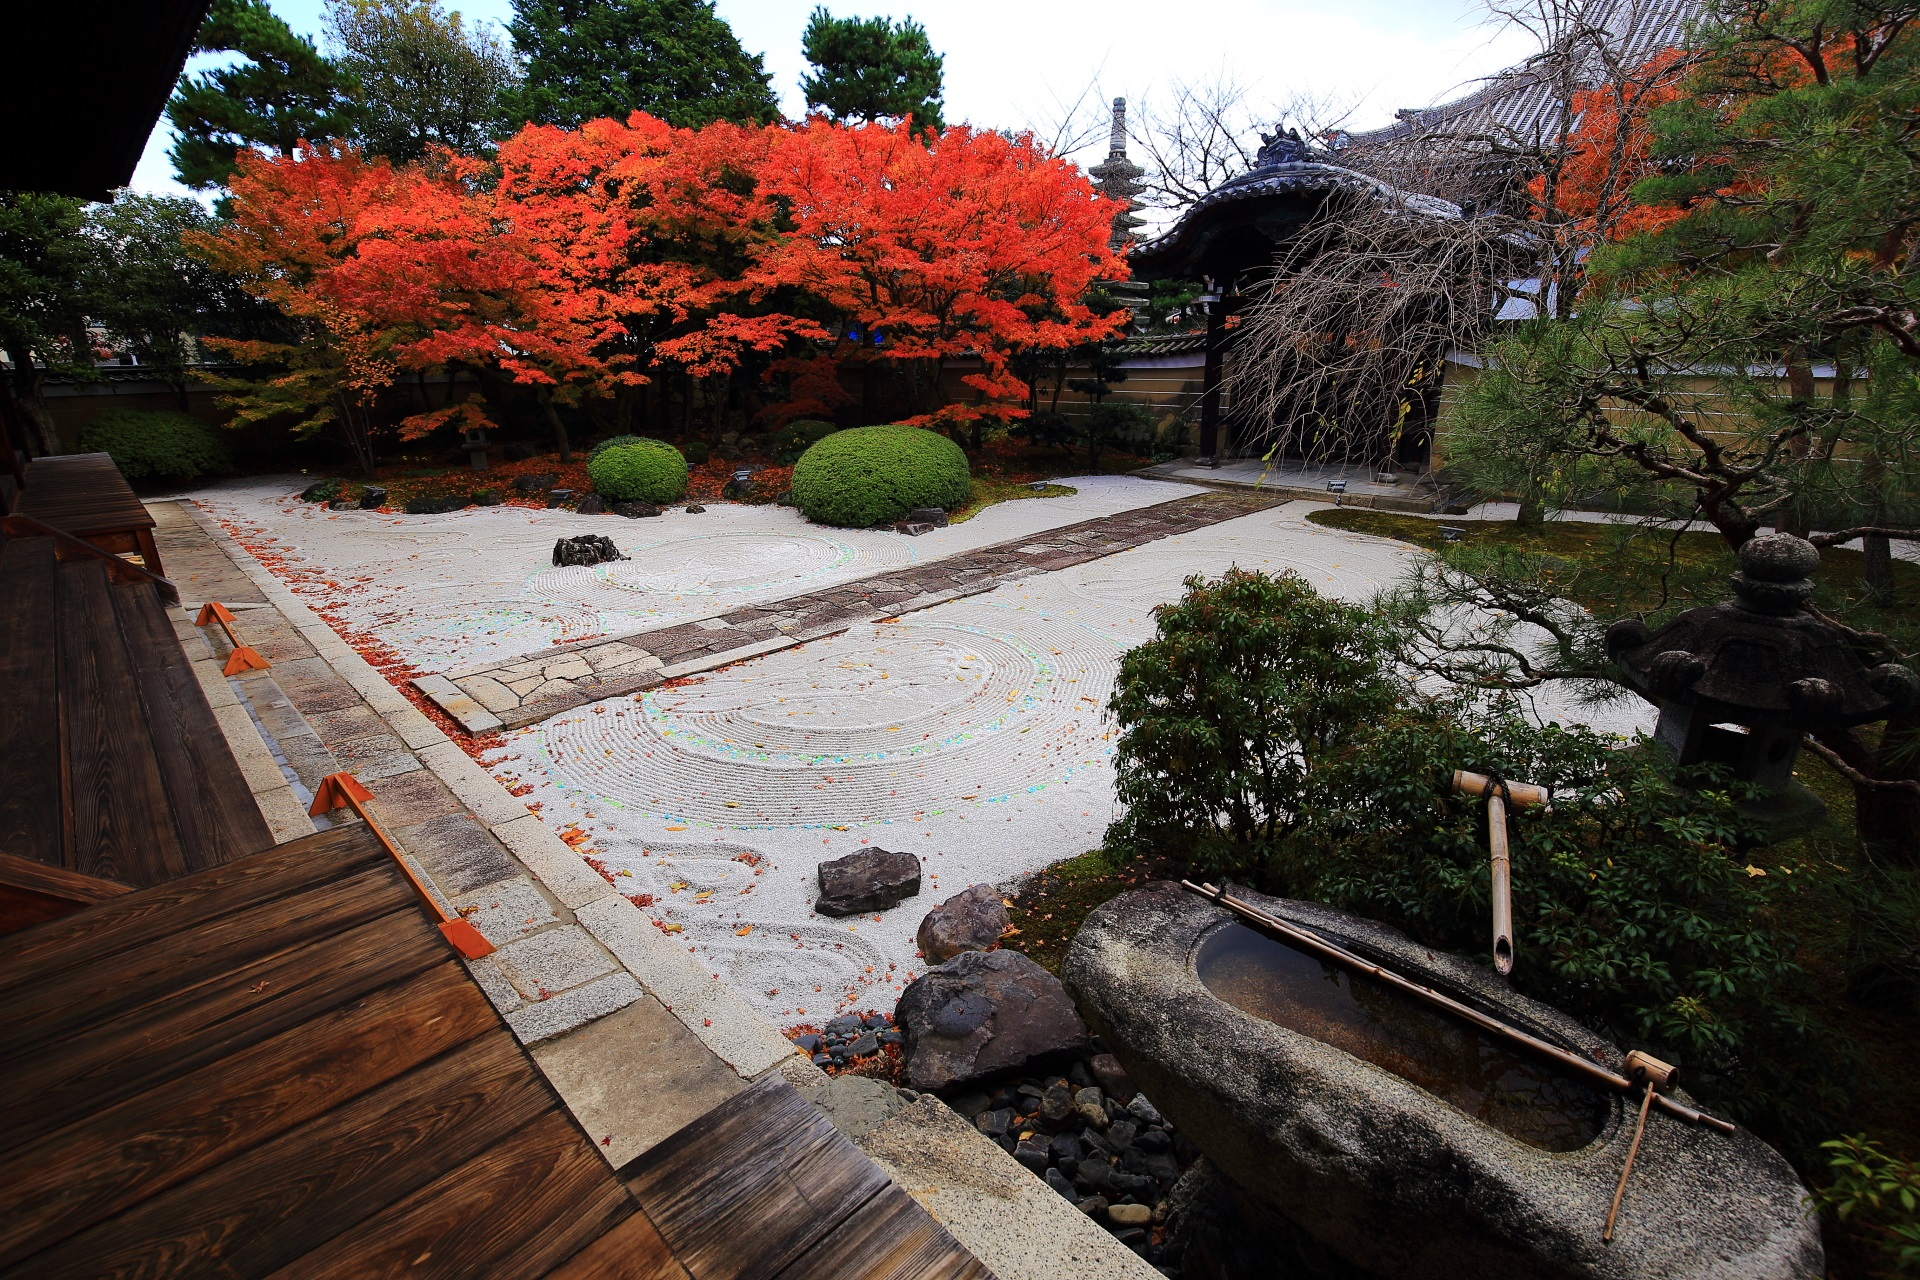 妙顕寺の素晴らしい紅葉と秋の情景